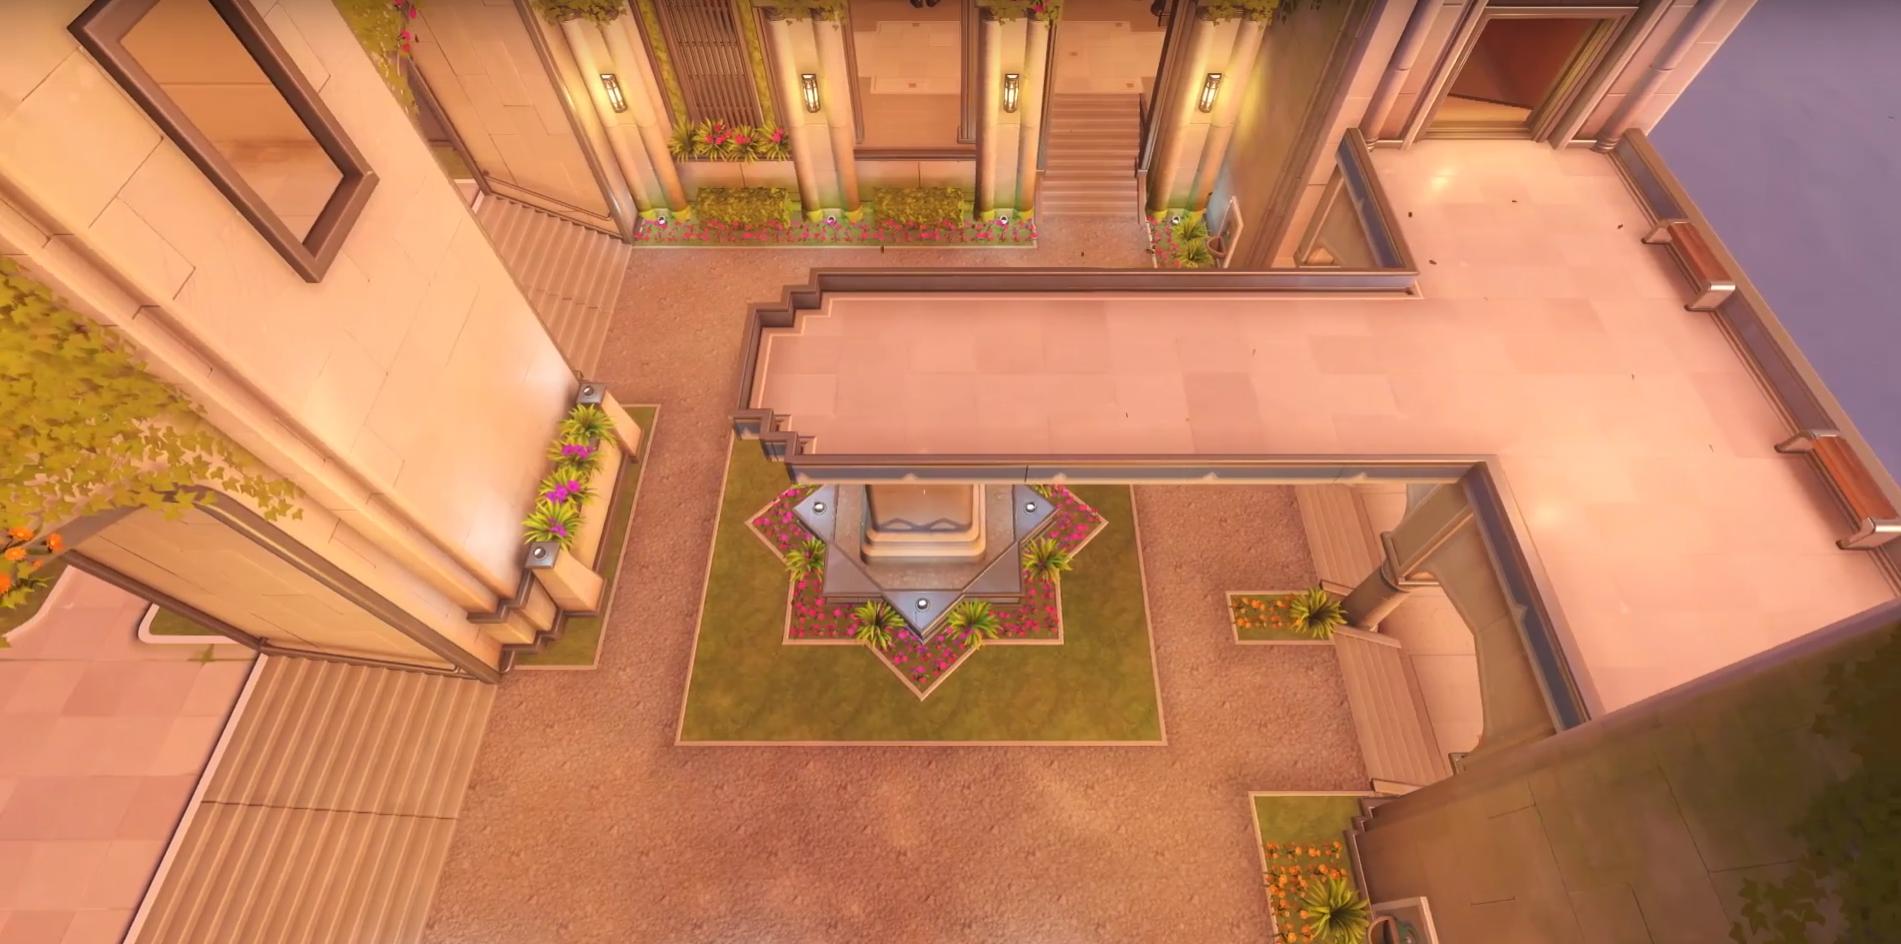 Overwatch Oasis Map - Gardens